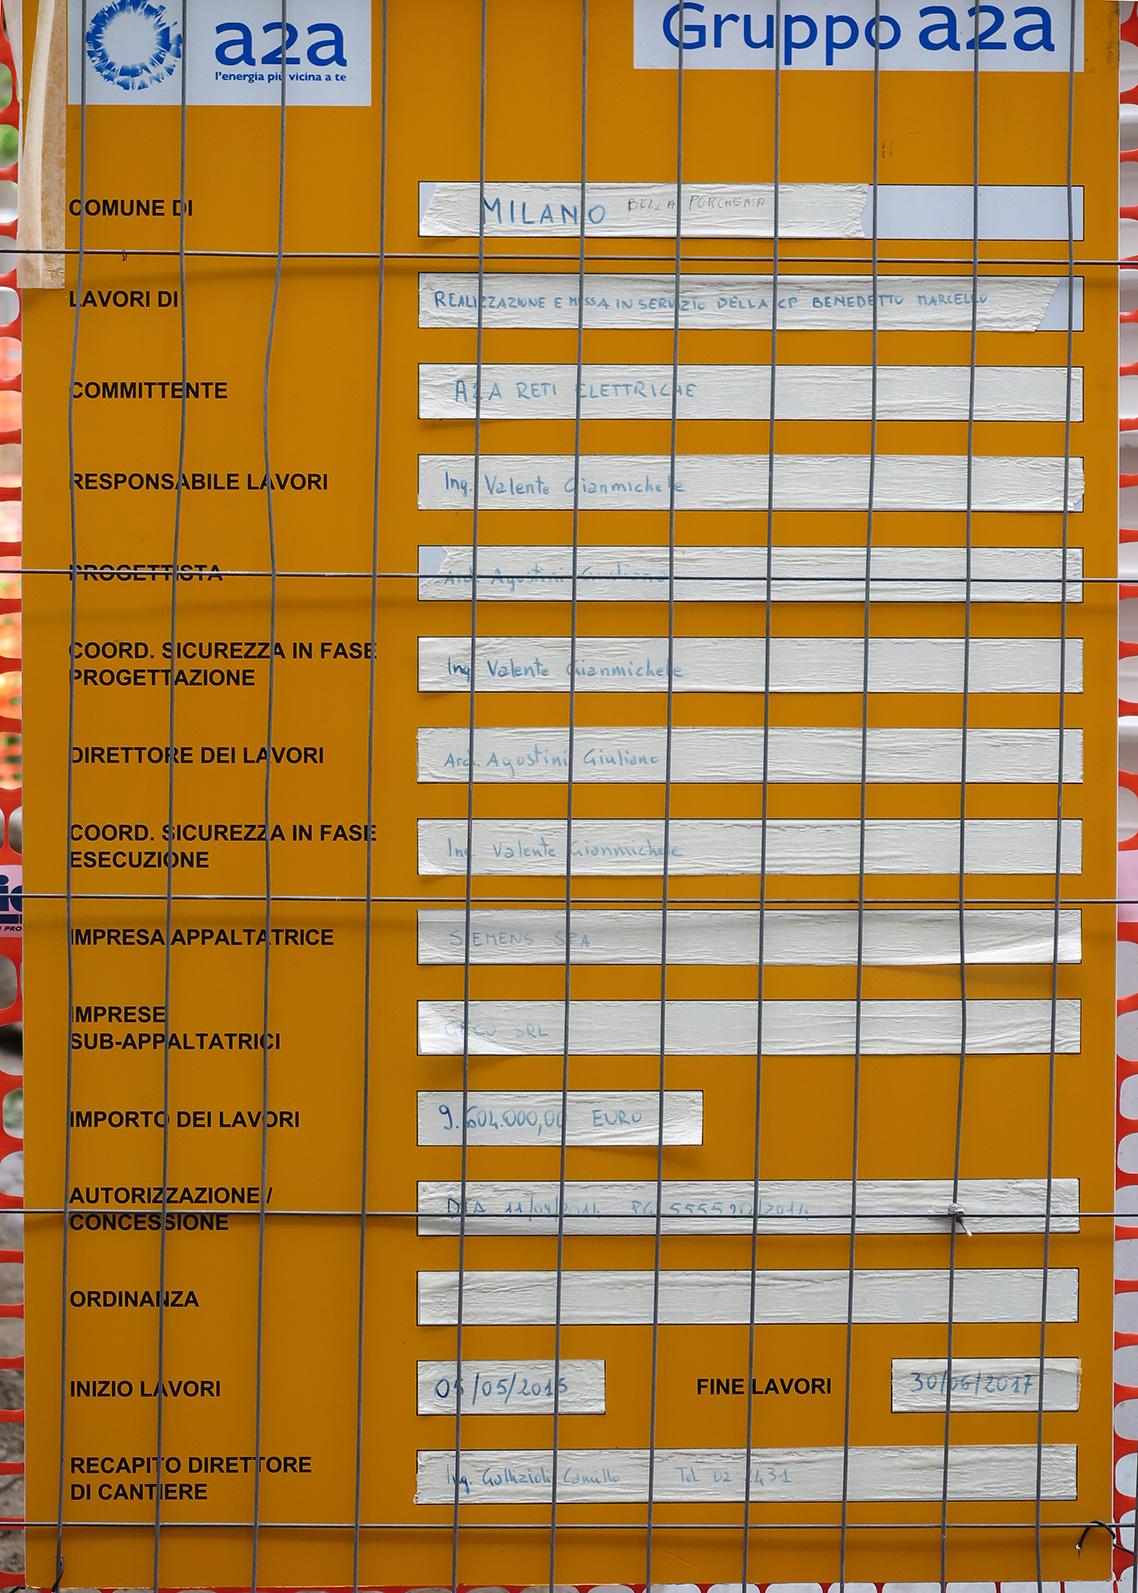 L ampliamento della cabina primaria a2a di via benedetto for Planimetrie della cabina del fienile